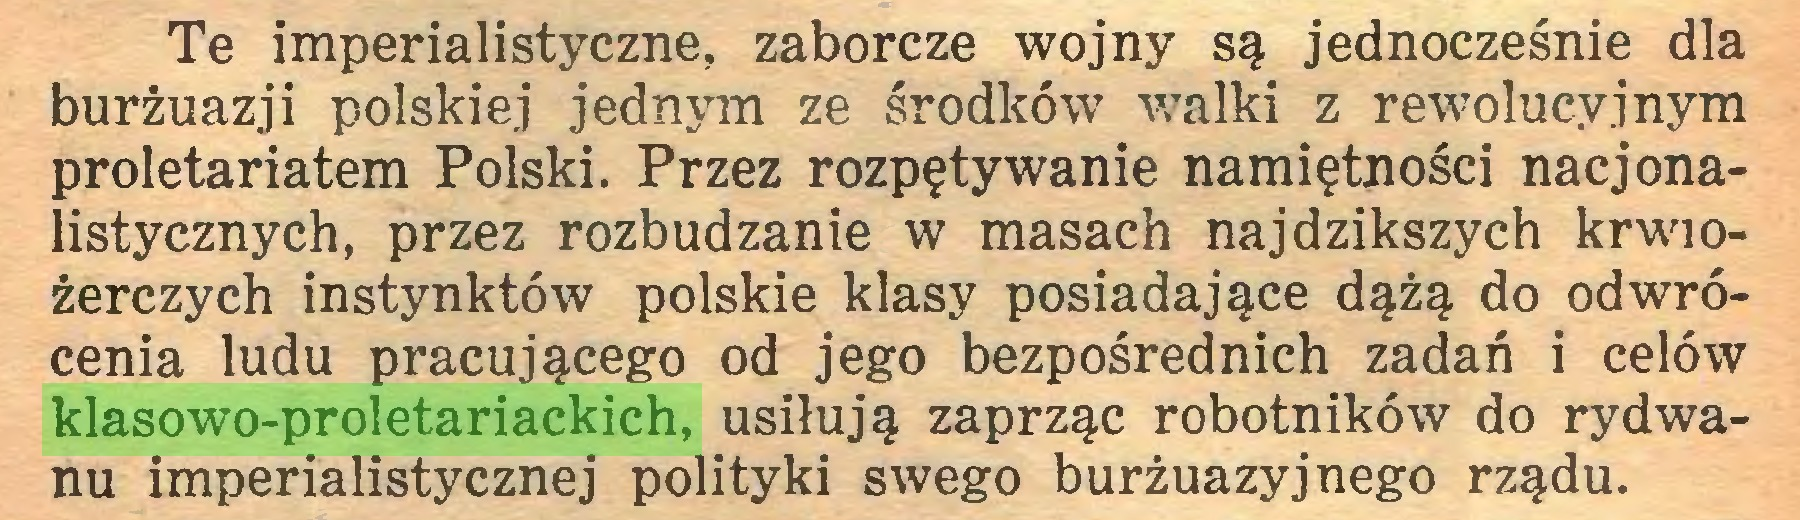 (...) Te imperialistyczne, zaborcze wojny są jednocześnie dla burżuazji polskiej jednym ze środków walki z rewolucyjnym proletariatem Polski. Przez rozpętywanie namiętności nacjonalistycznych, przez rozbudzanie w masach najdzikszych krwiożerczych instynktów polskie klasy posiadające dążą do odwrócenia ludu pracującego od jego bezpośrednich zadań i celów klasowo-proletariackich, usiłują zaprząc robotników do rydwanu imperialistycznej polityki swego burżuazyjnego rządu...